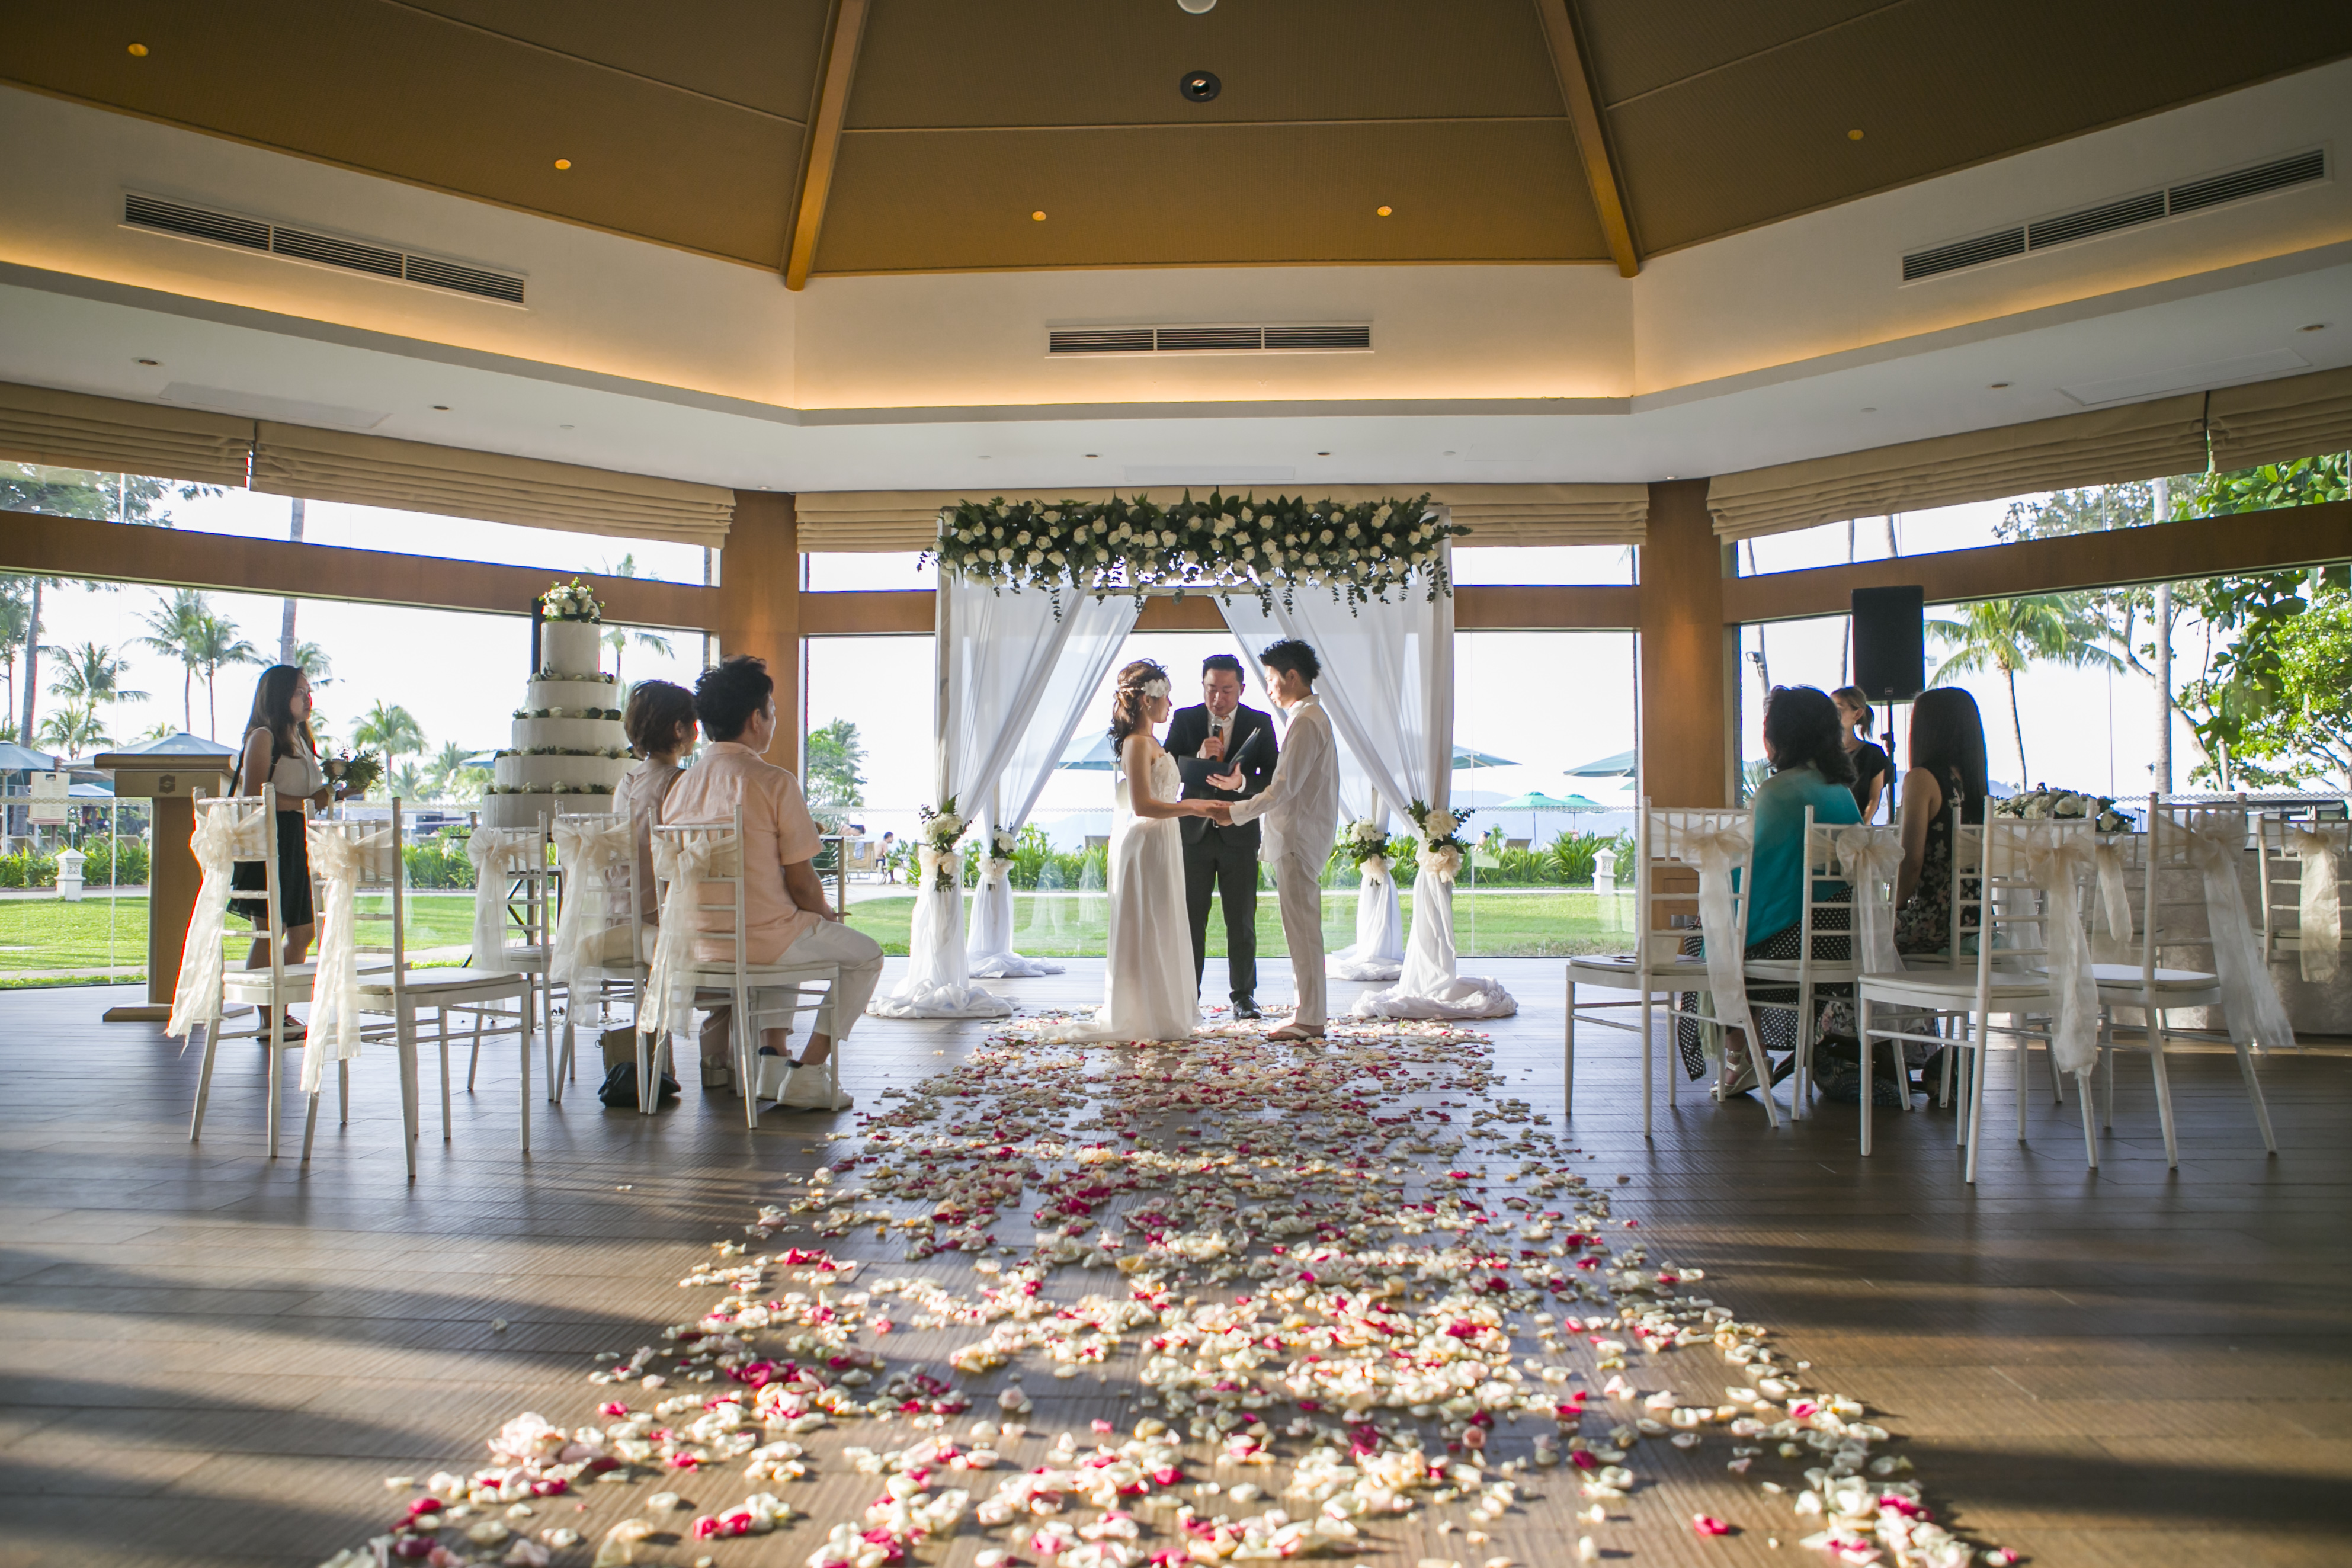 マレーシア、マレーシアウェディング、コタキナバル、シャングリラタンジュンアルリゾート、リゾートウェディング、サバ州、旅行、海外旅行、アジア、リゾートホテル、挙式、結婚式